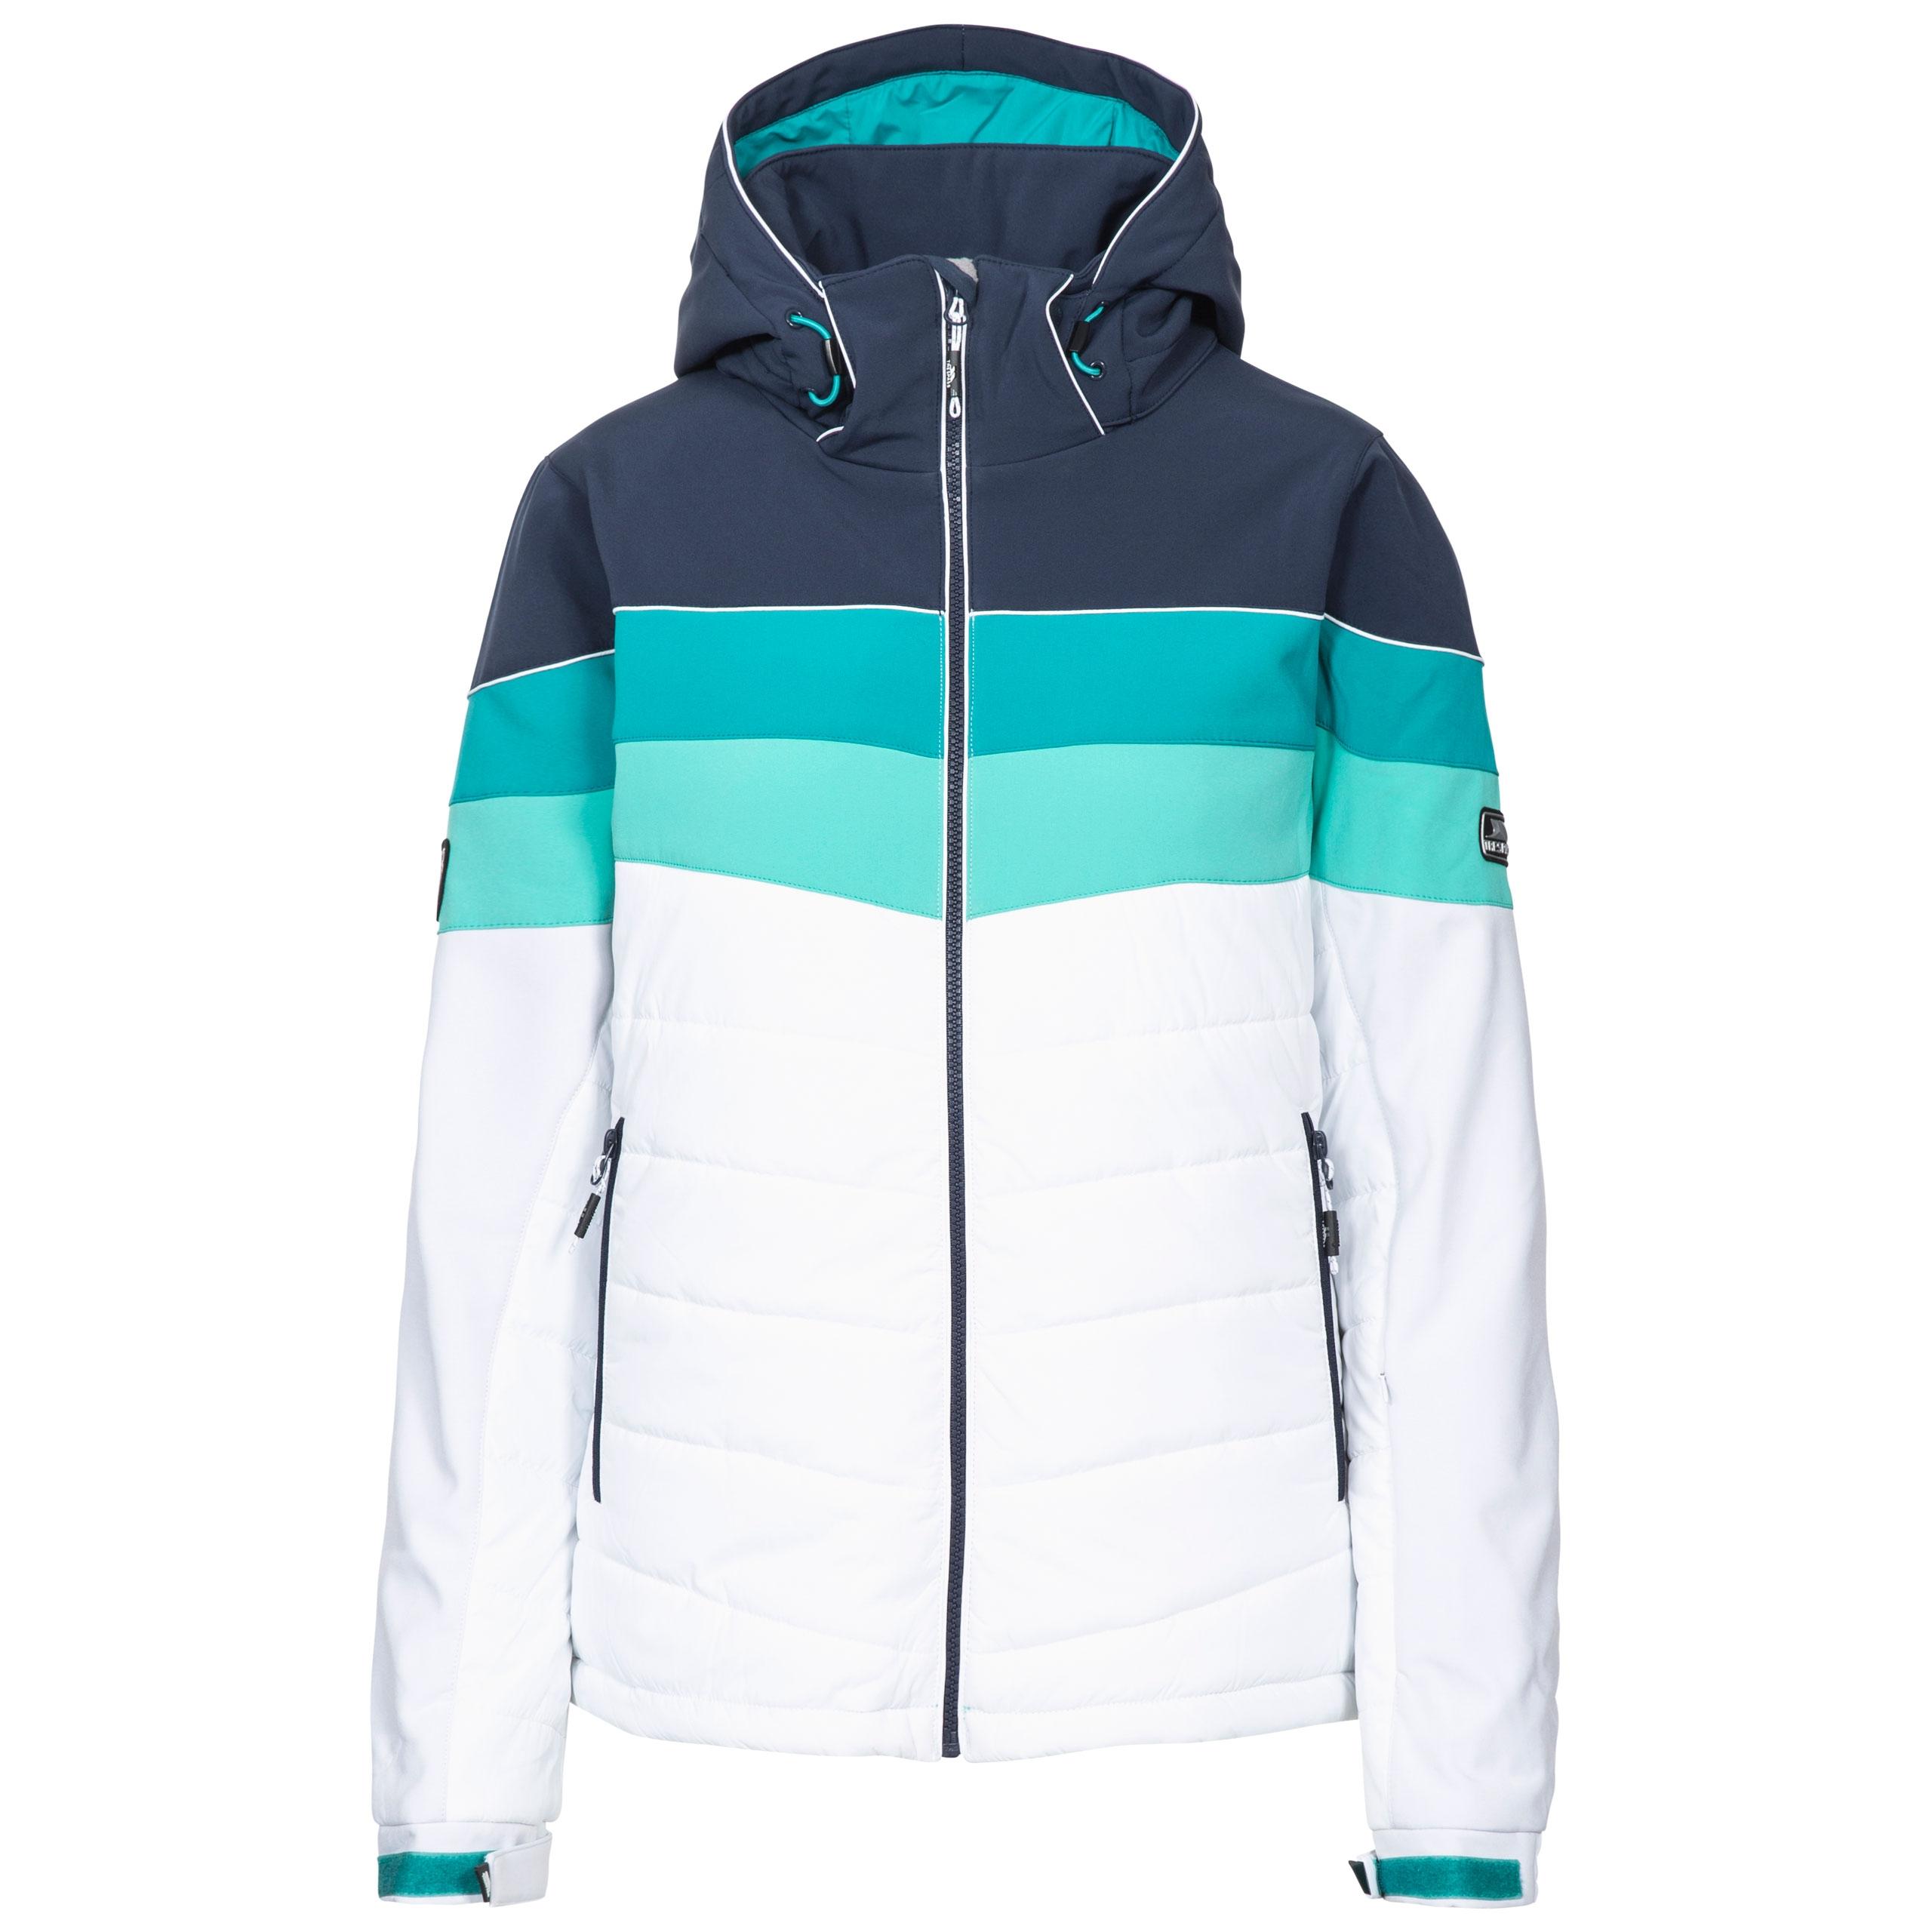 d68747c5a8 Trespass Kinsale Women Ski Jacket Padded   Windproof in Black ...